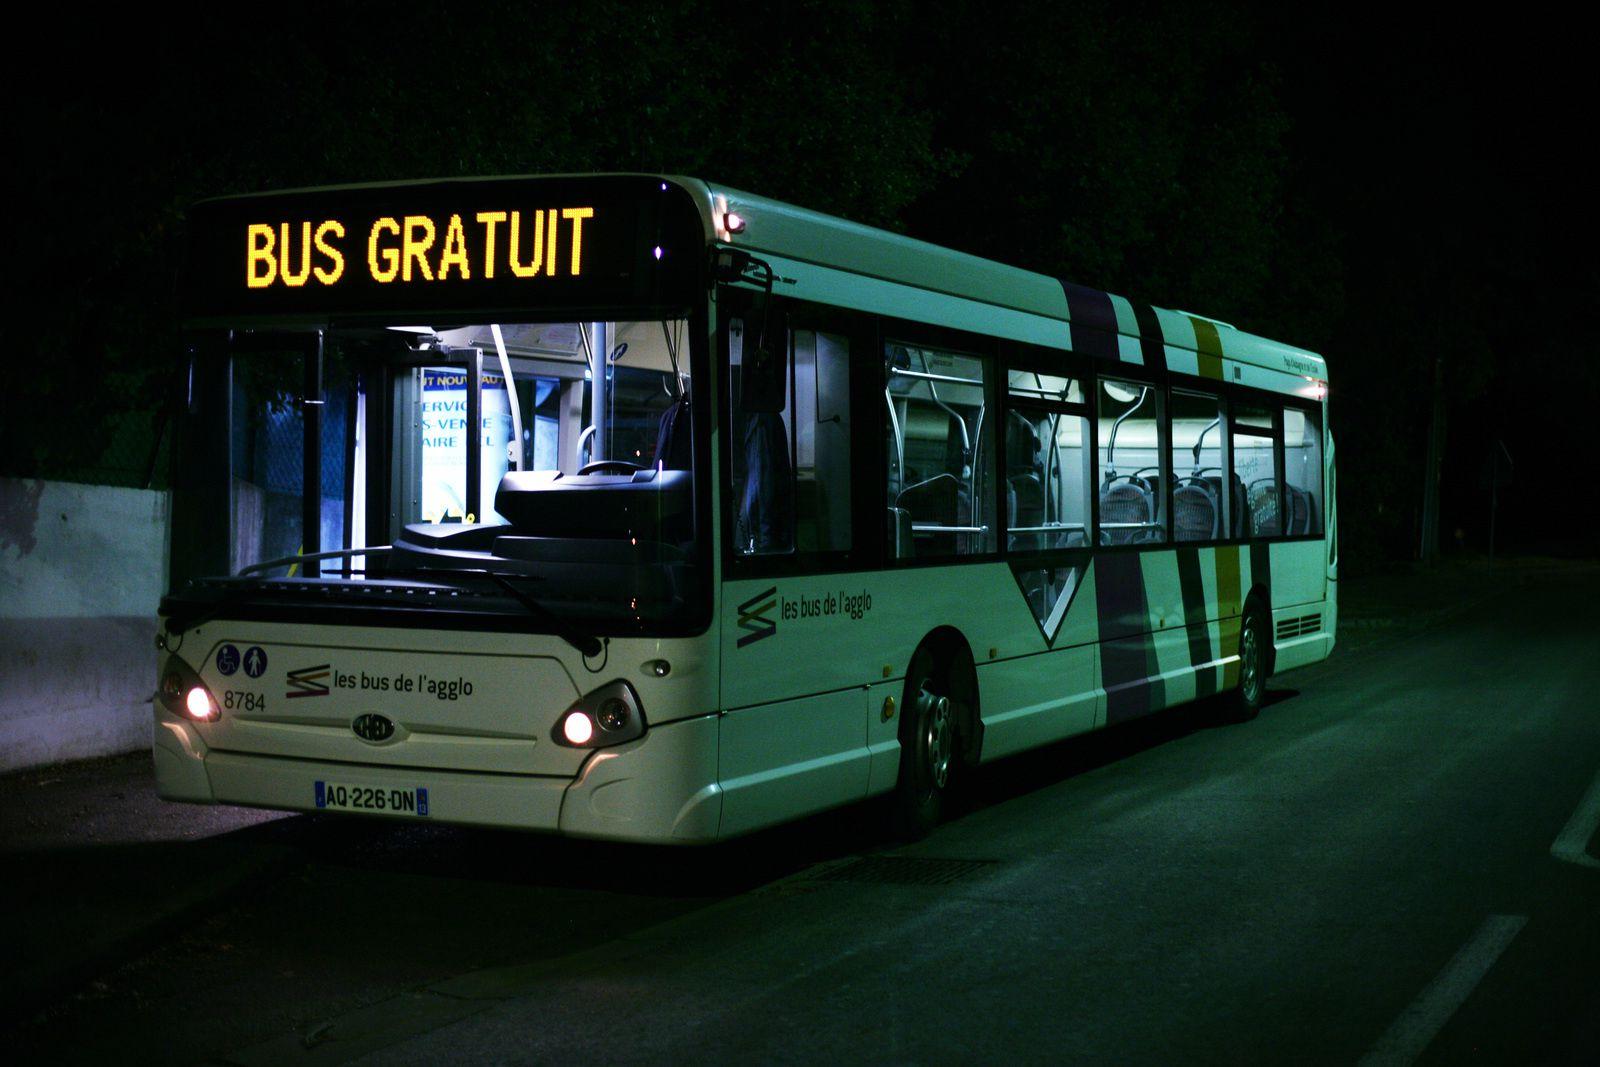 Bus gratuit à Aubagne (France). Photo : Audrey Cerdan / Rue89